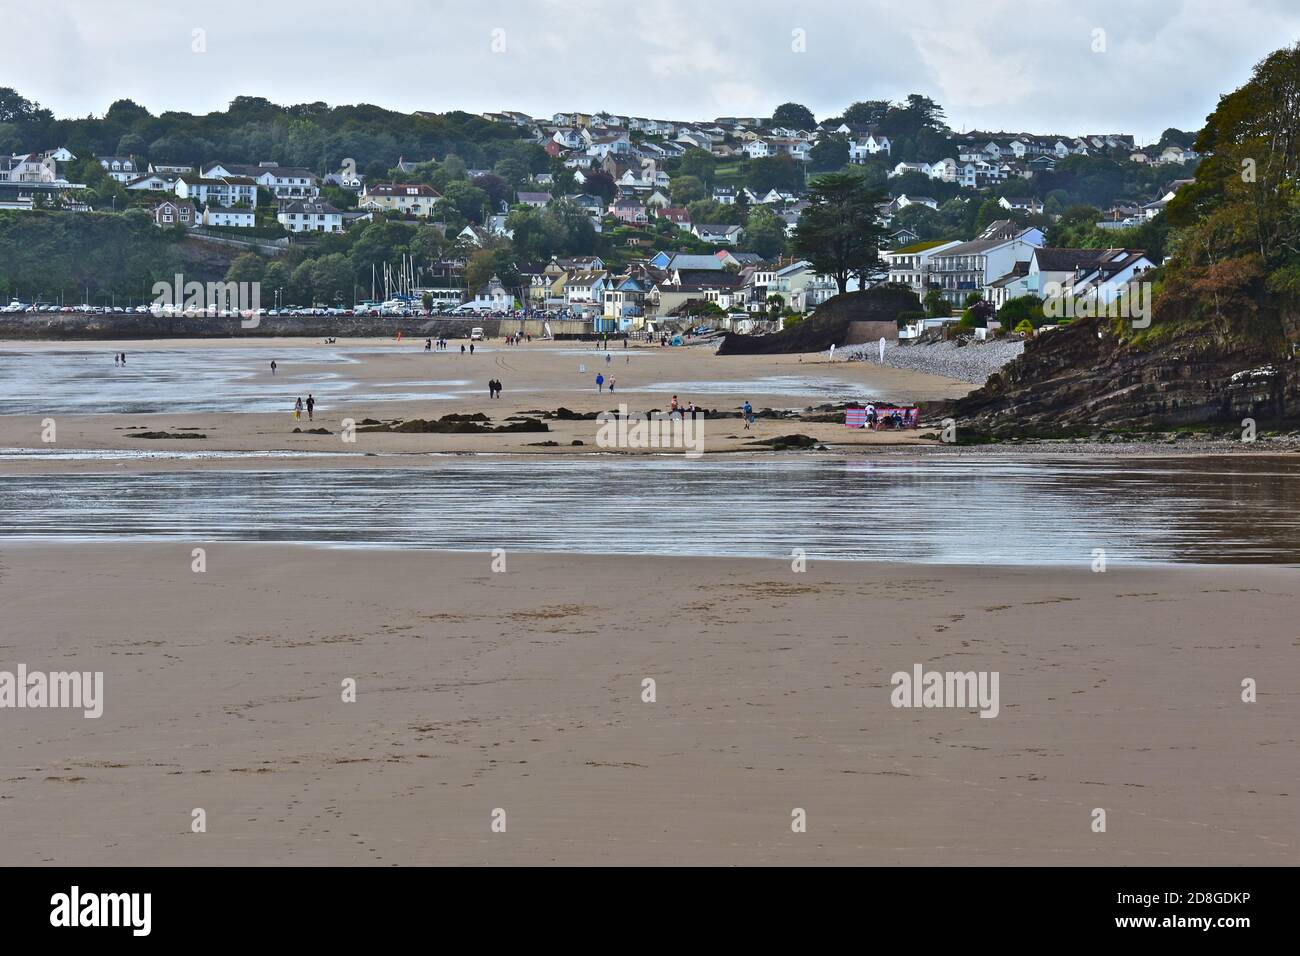 Saundersfoot ad una vista molto la attraverso l'ampia spiaggia di sabbia indietro verso la bassa marea. Foto Stock